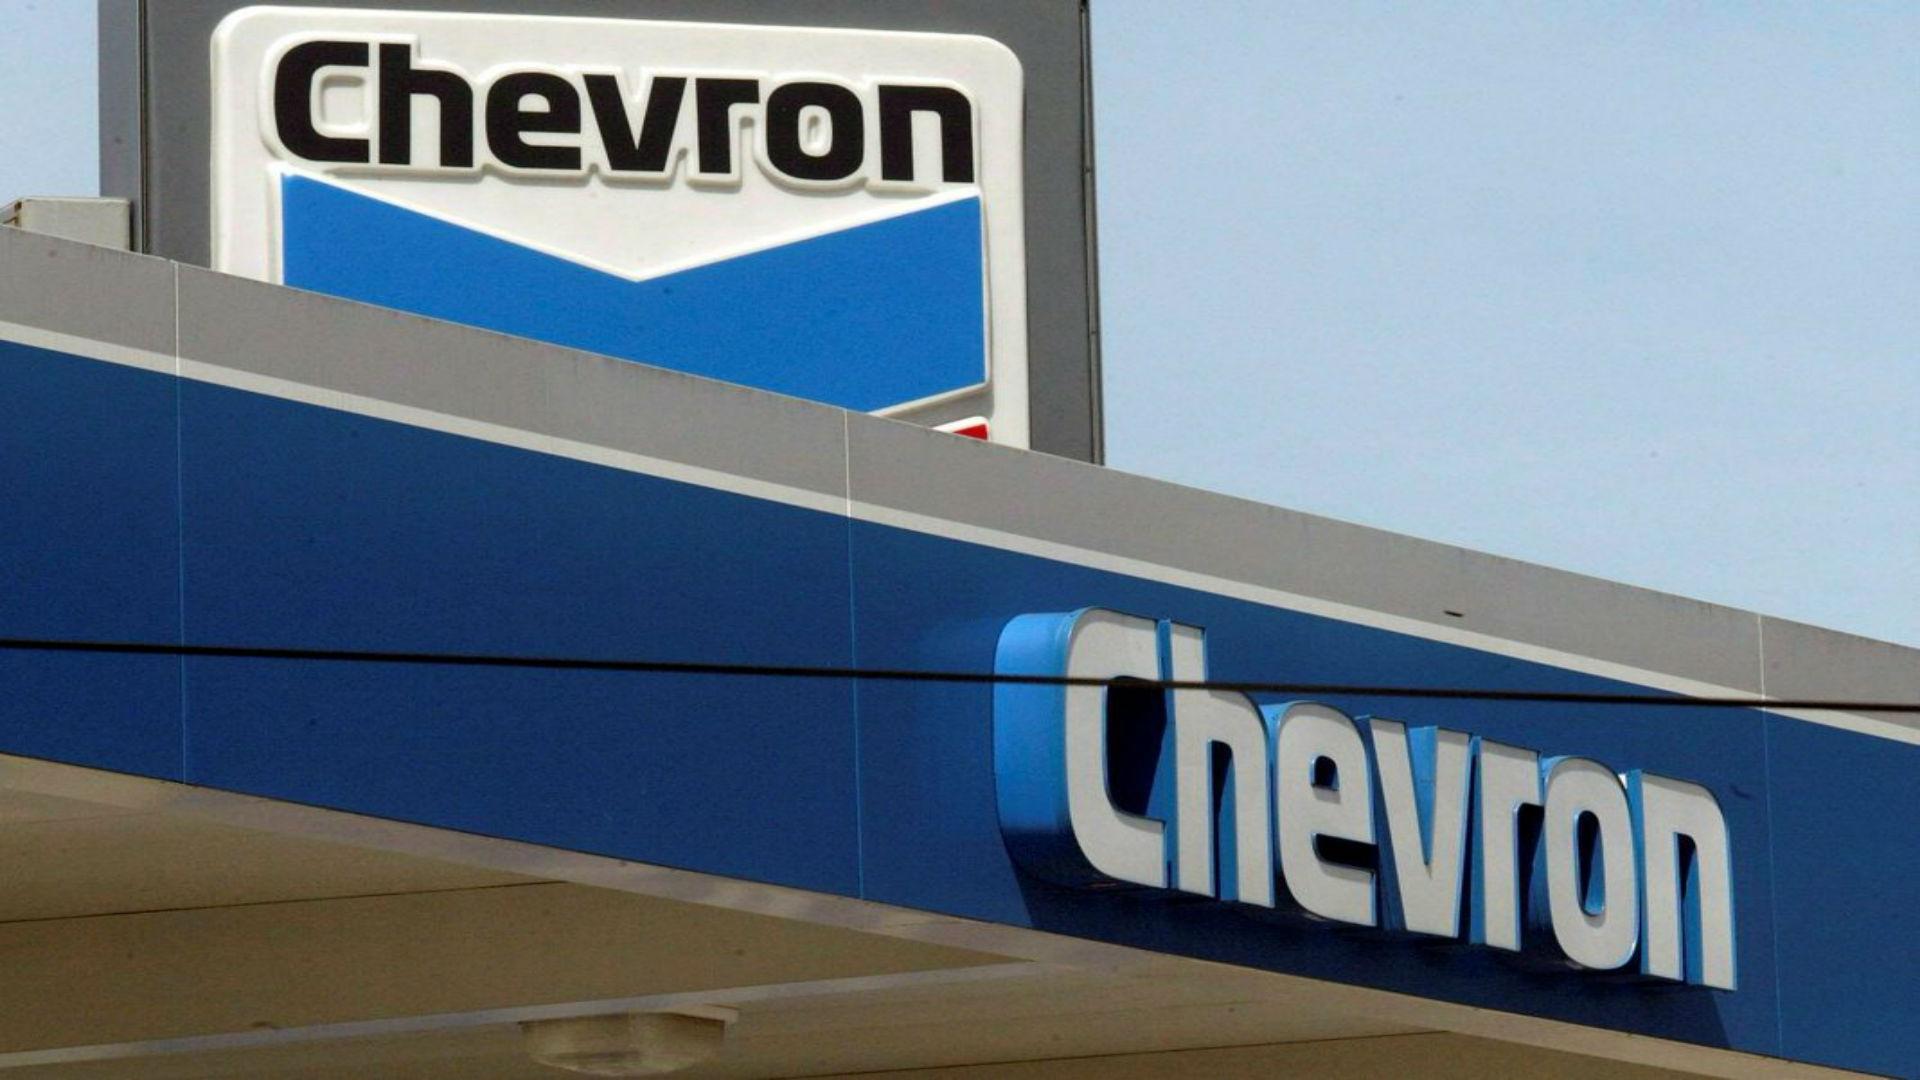 Estados Unidos renovó licencia de Chevron en Venezuela por otros 3 meses